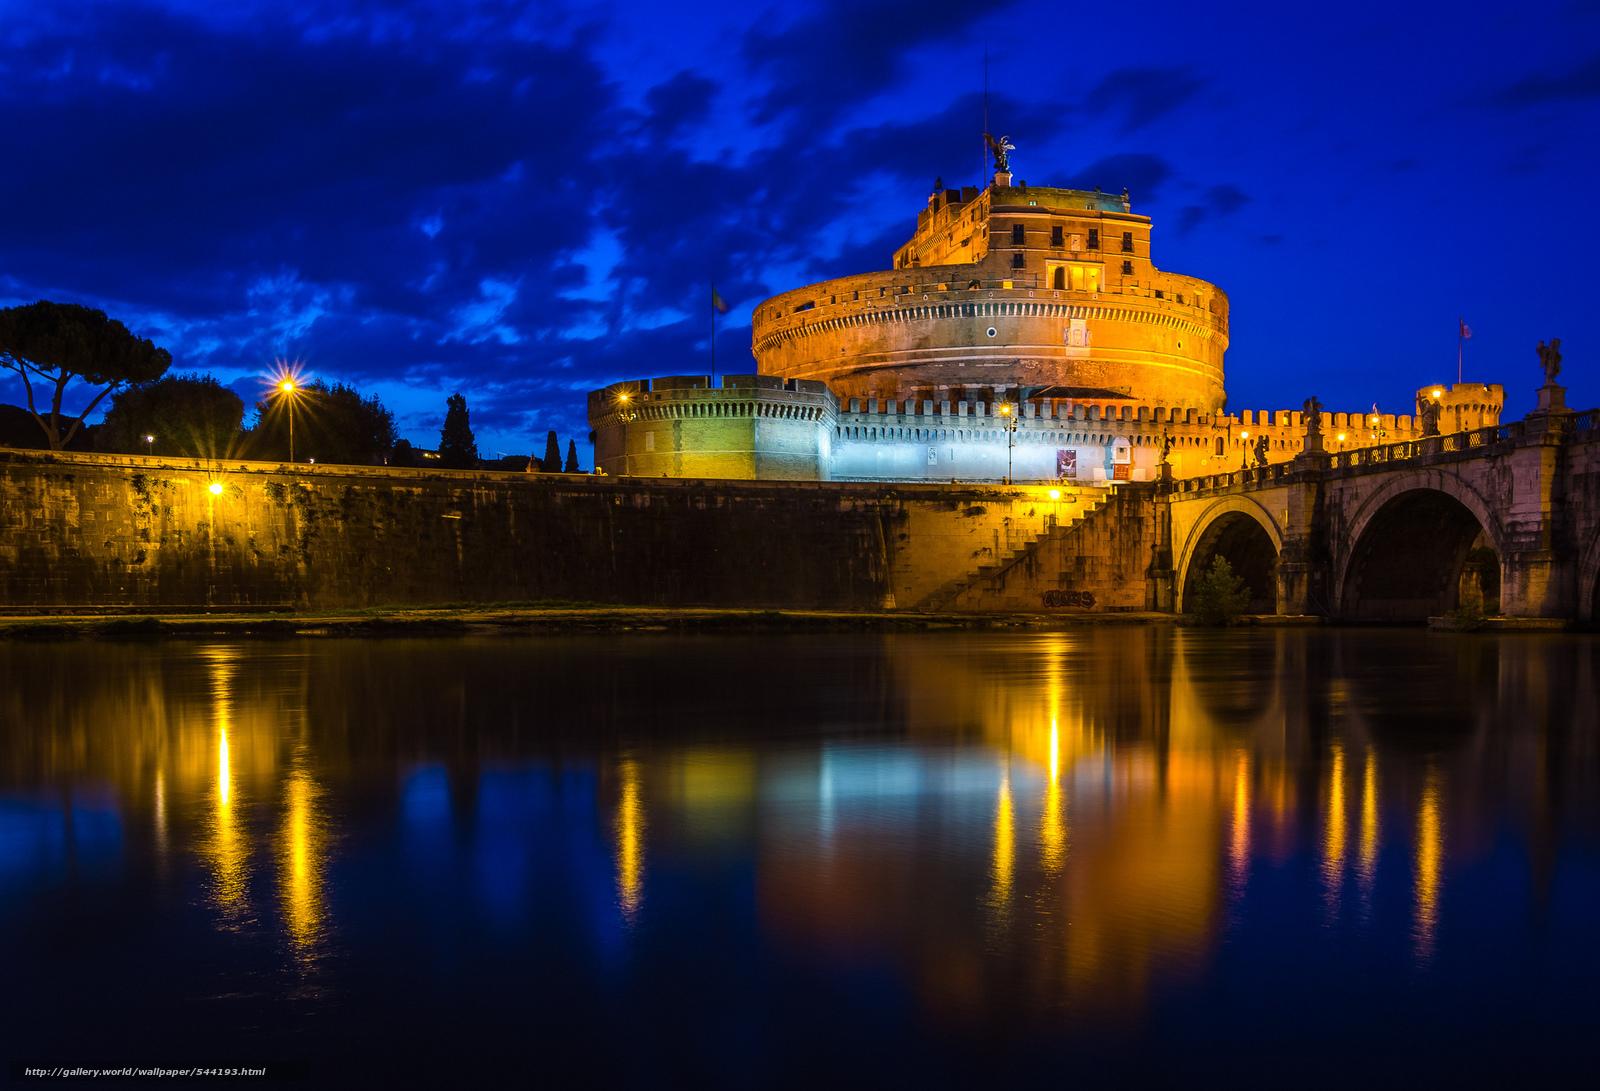 tlcharger fond decran rome - photo #26